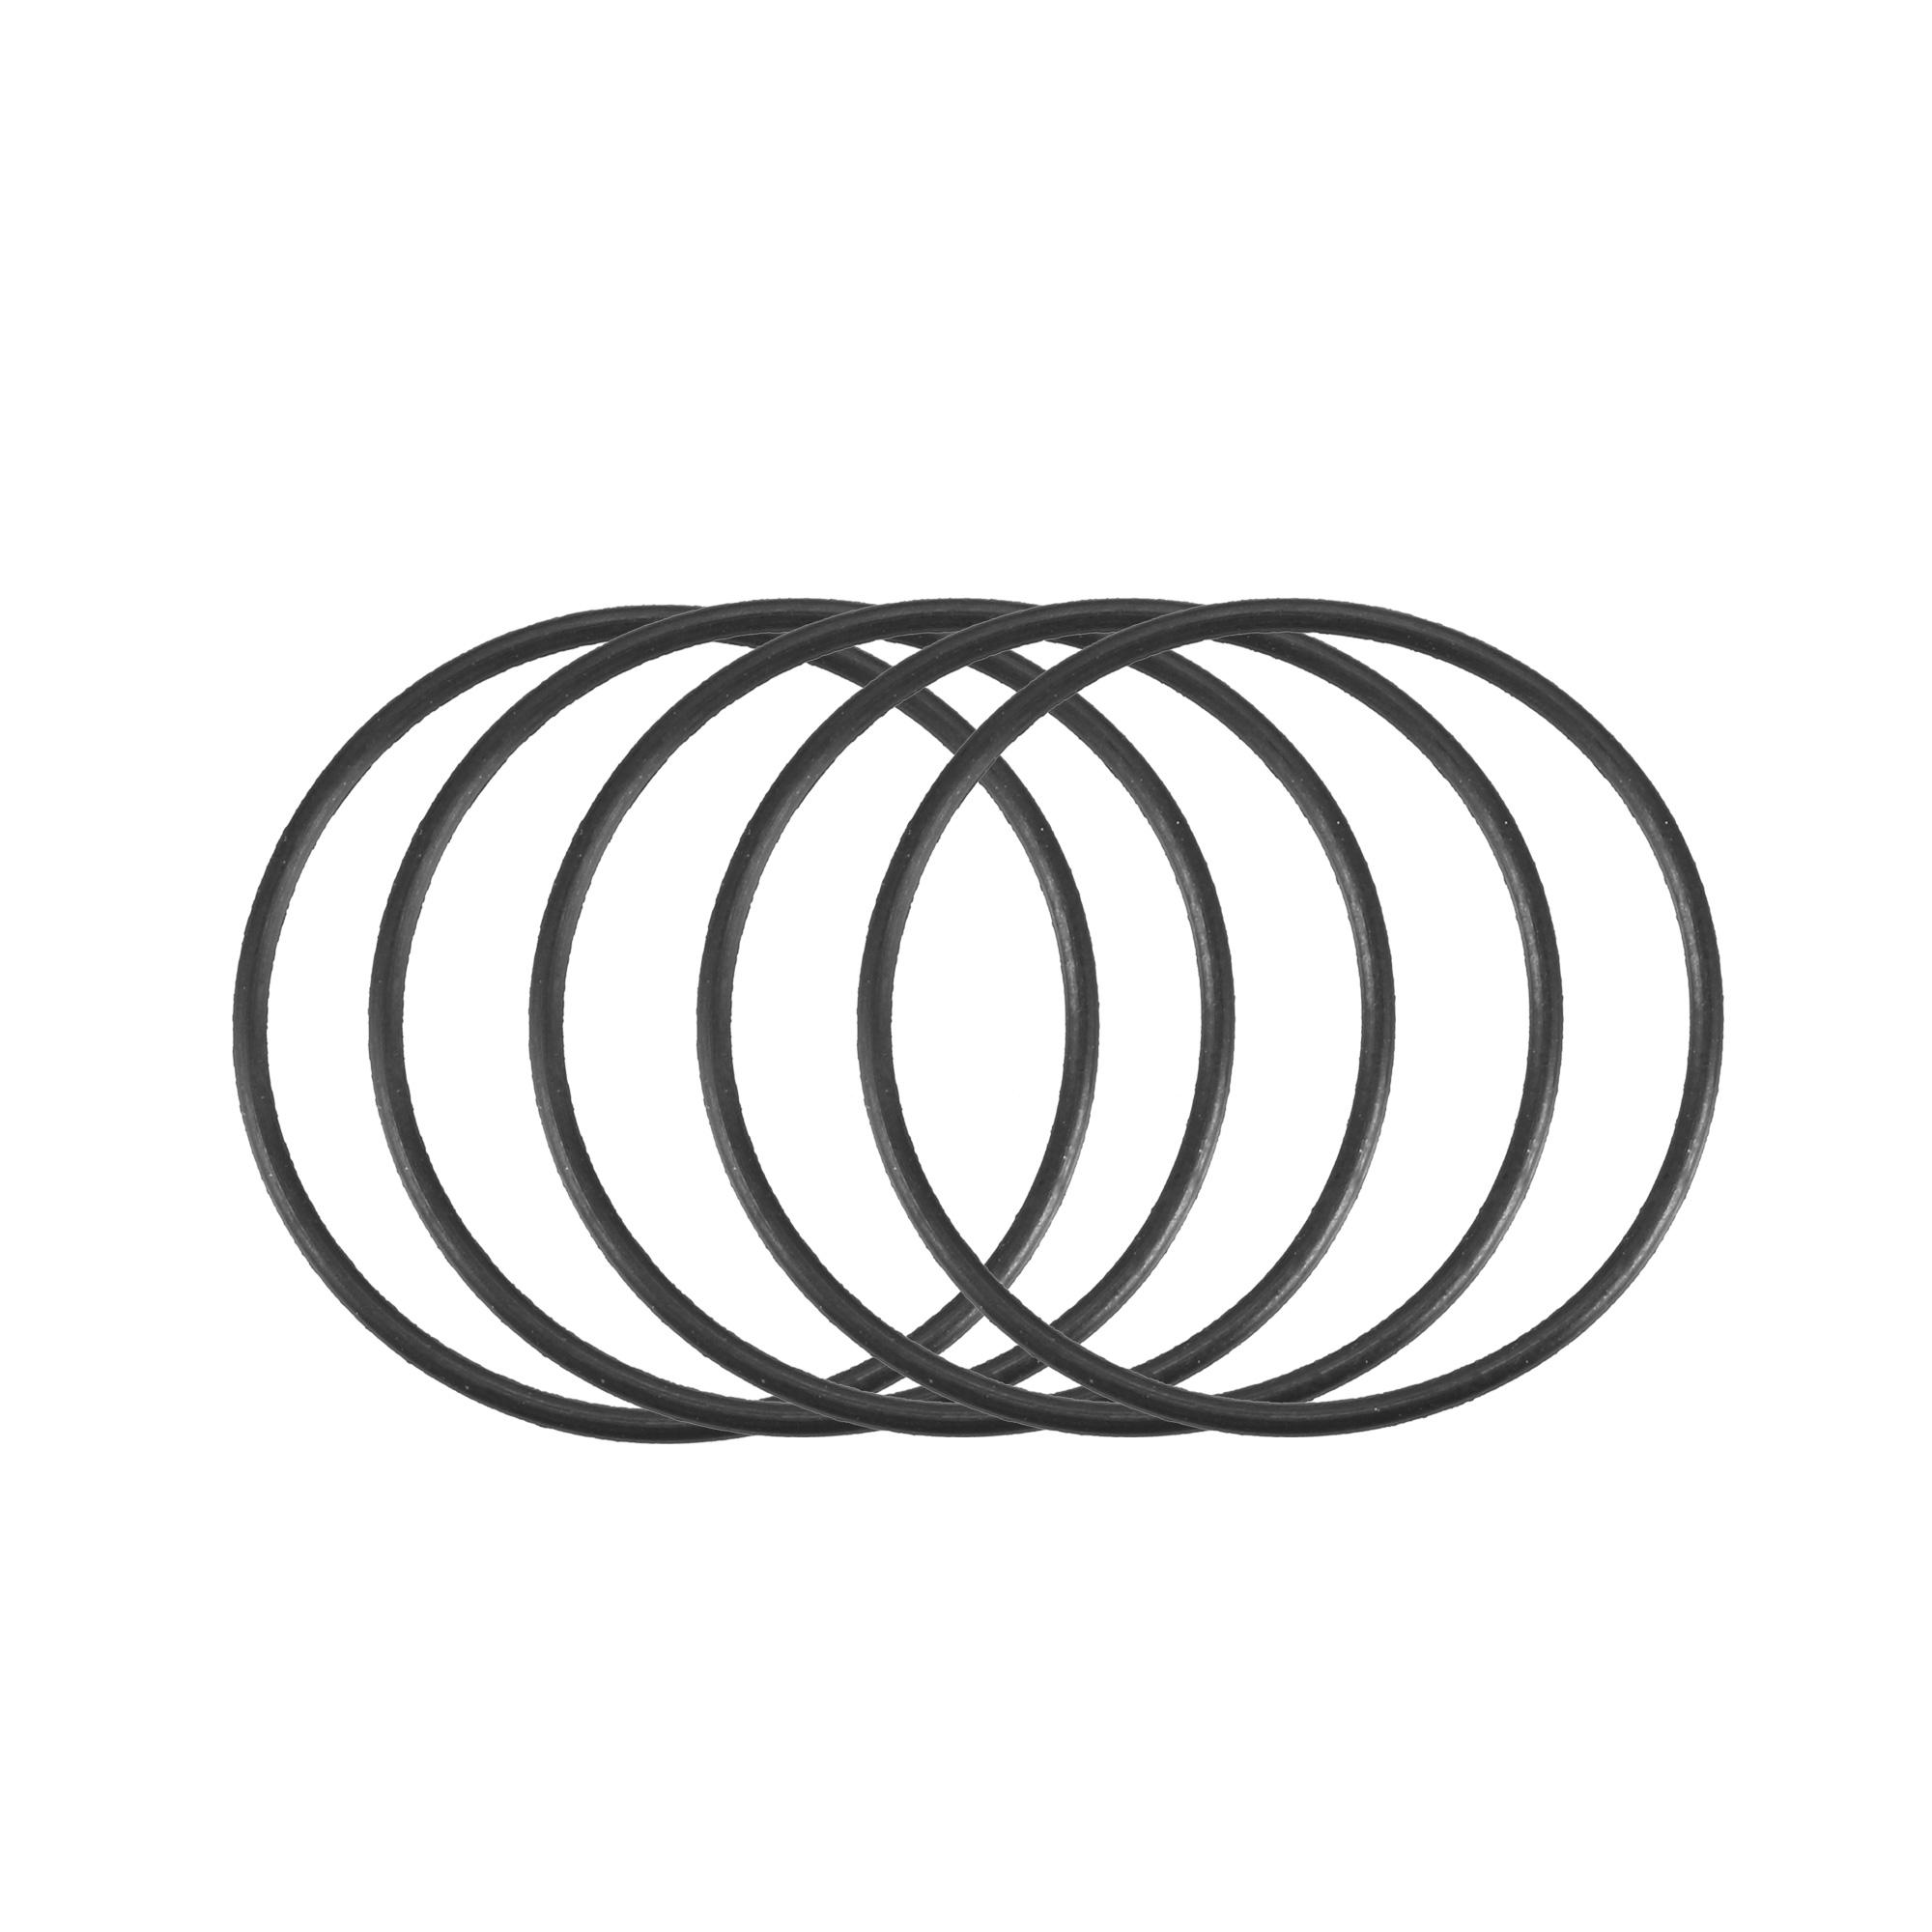 50pcs Black Nitrile Butadiene Rubber NBR O-Ring 23.5mm Inner Dia 1mm Width